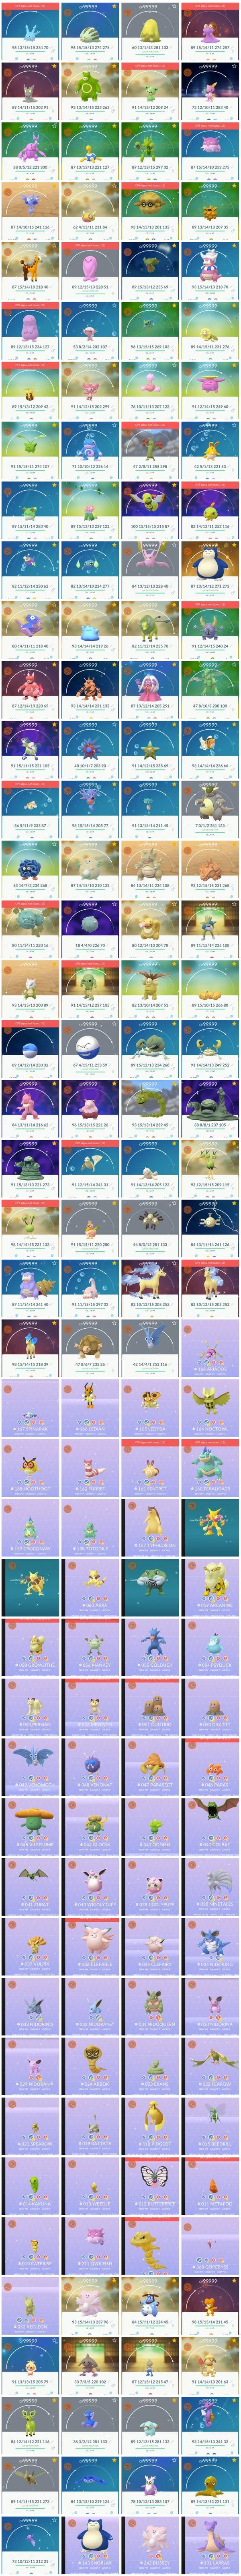 Почти все блестящие покемоны 1 и 2 поколения найдены в сетевом трафике Pokemon GO